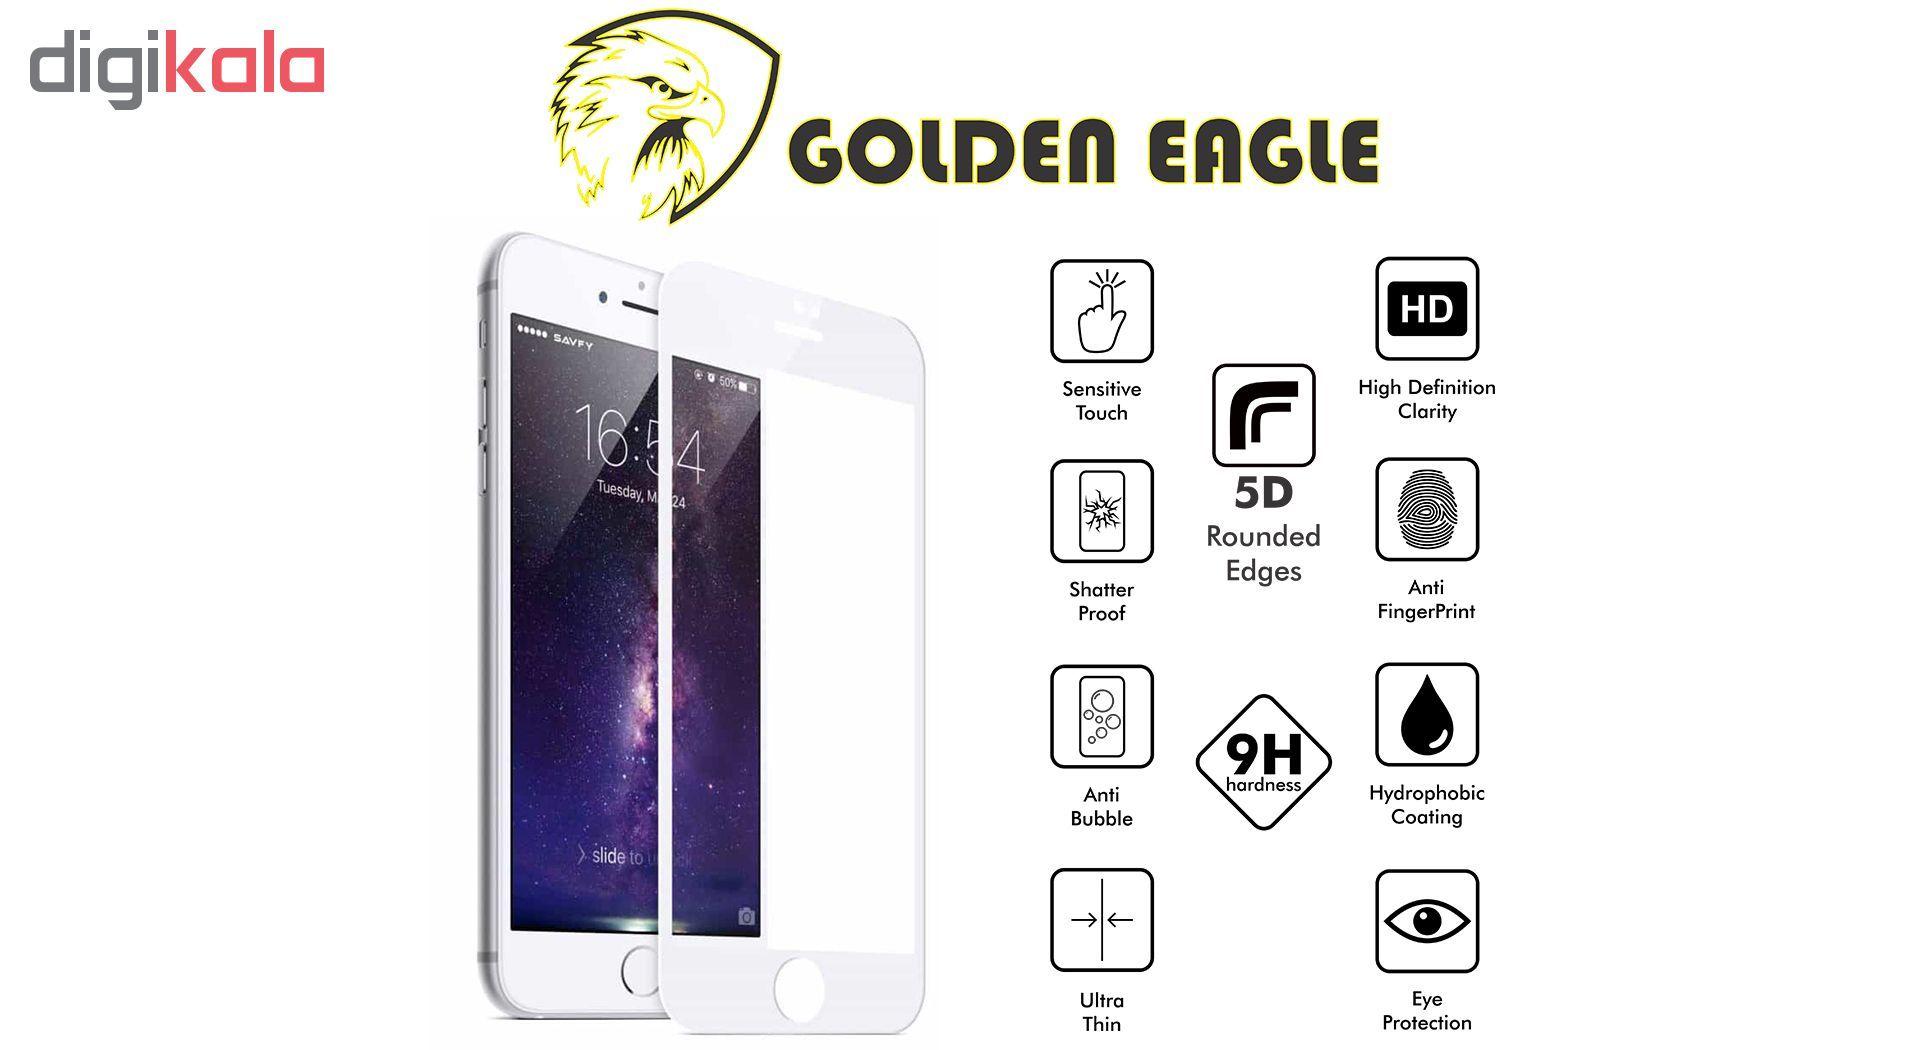 محافظ صفحه نمایش گلدن ایگل مدل 5D Expert Shield مناسب برای گوشی اپل آیفون  7/8 main 1 3